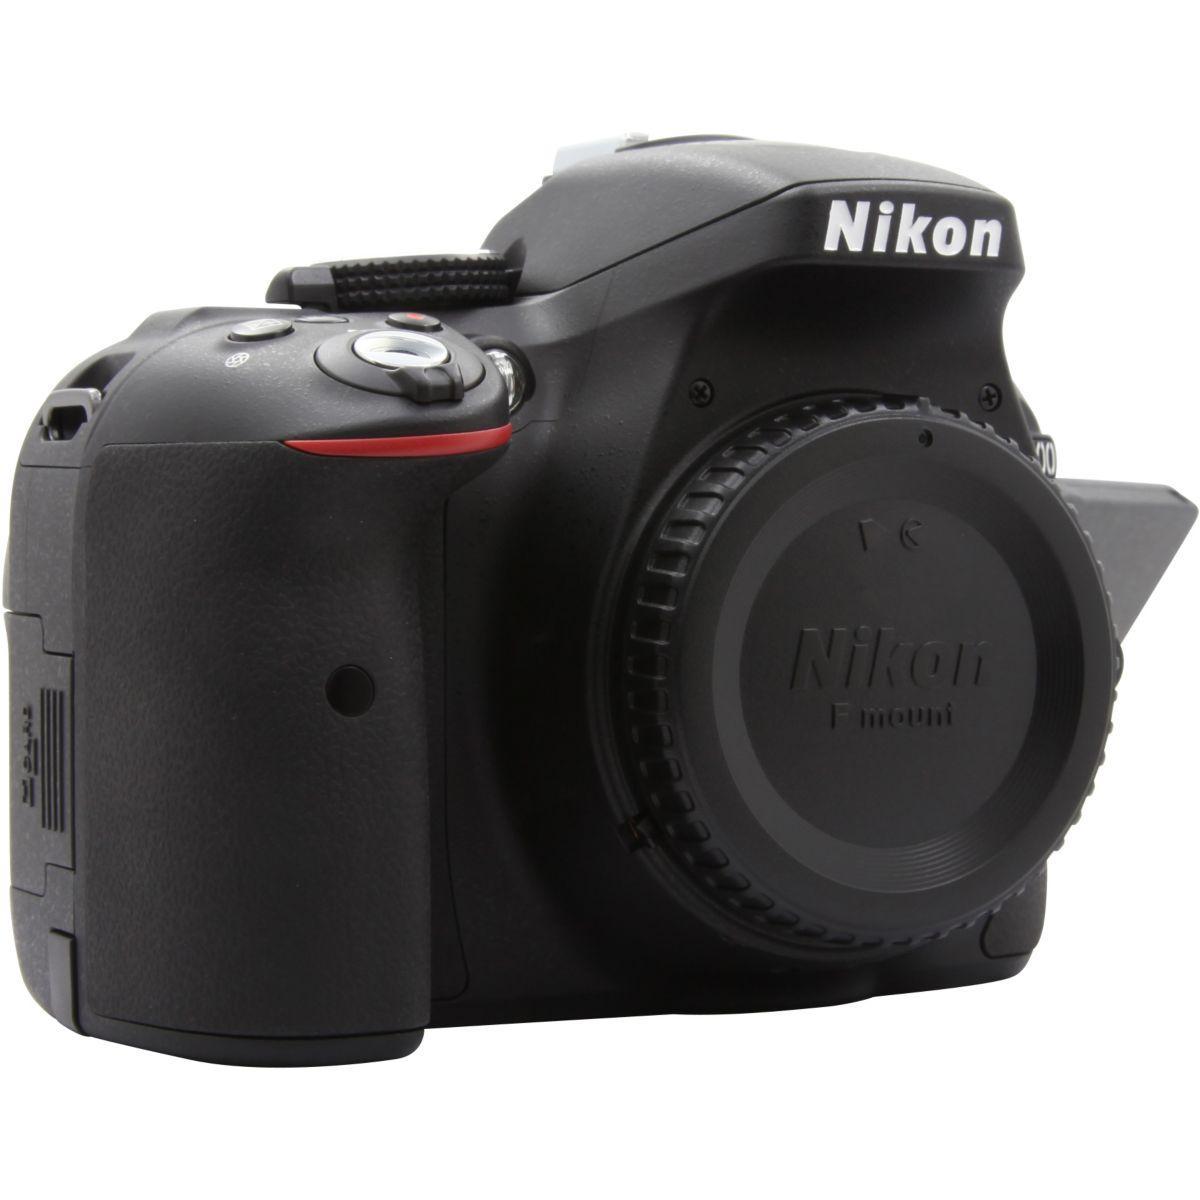 Appareil photo reflex nikon d5300 nu - 2% de remise imm�diate avec le code : fete2